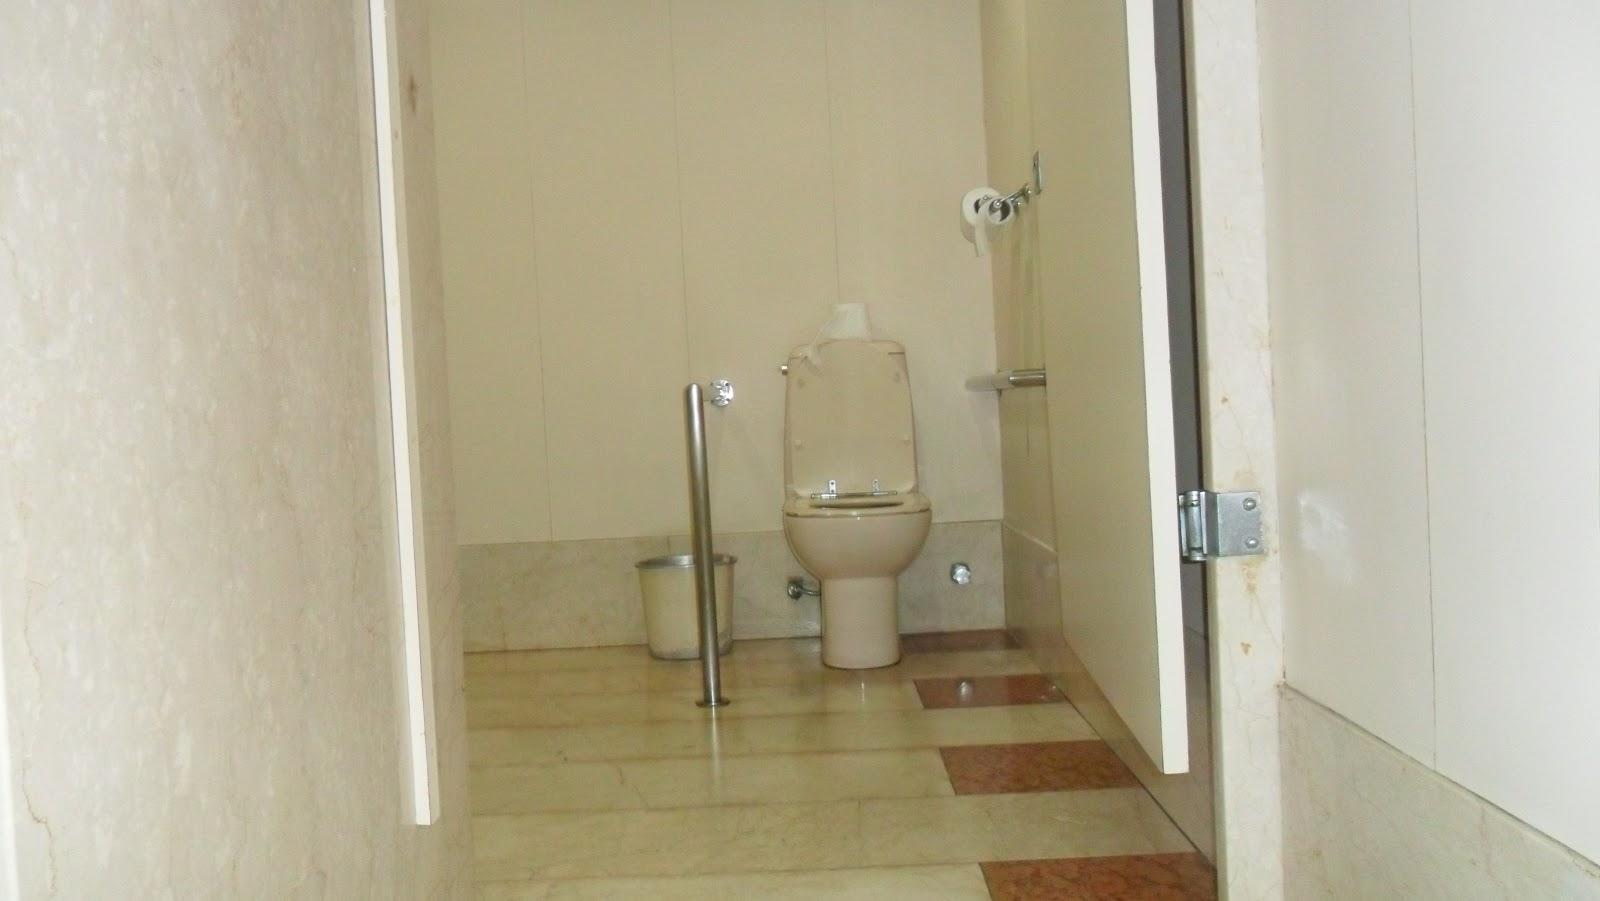 BLOG DAS PESSOAS COM DEFICIÊNCIA: SÉRIE BANHEIRO ACESSÍVEL ? 2  #694929 1600x901 Banheiro Adaptado Para Deficientes